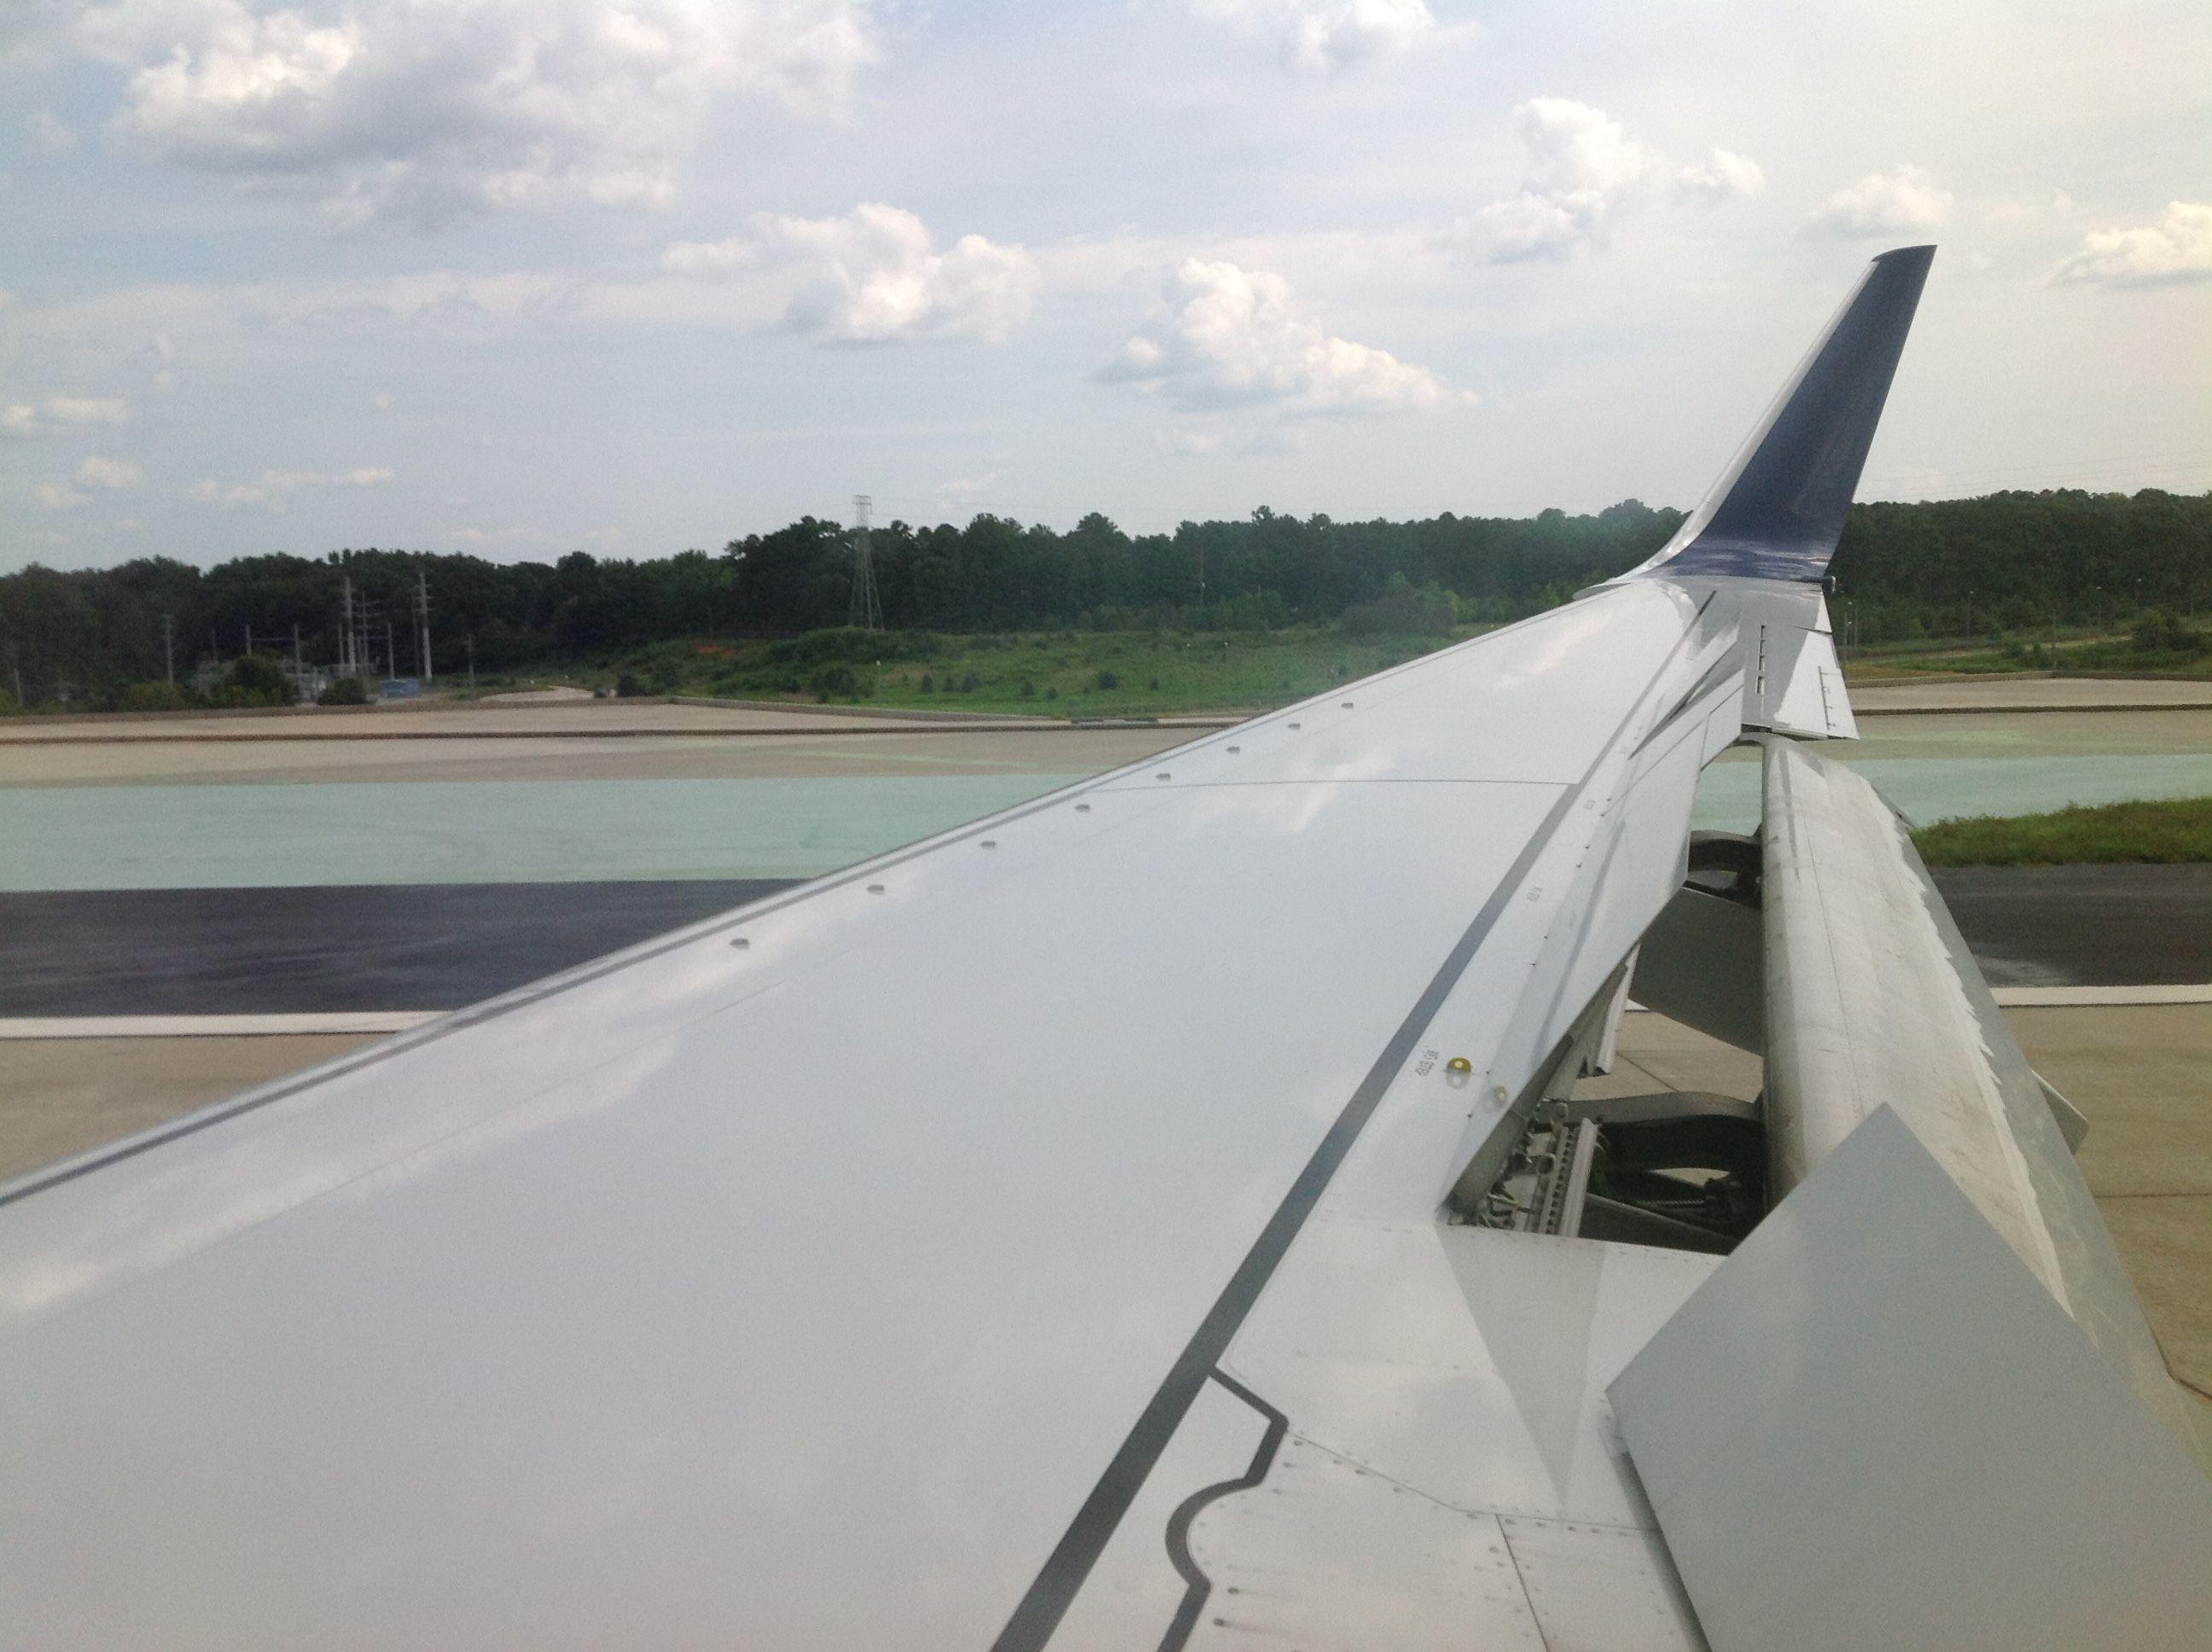 Landing (A Joe Cruz photo) Airplane view, Joe cruz, Photo